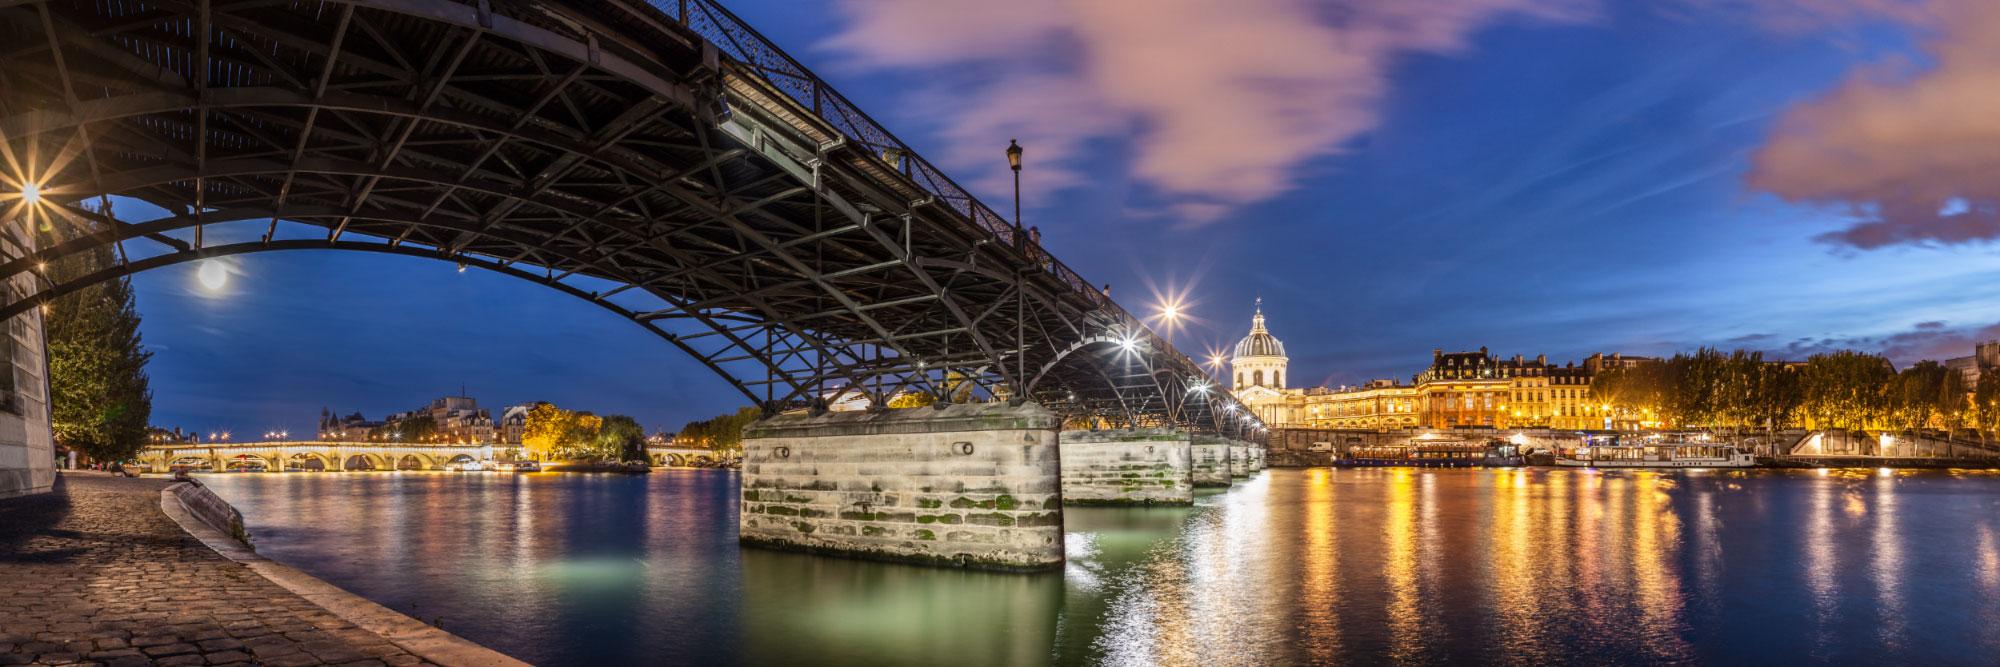 Passerelle des Arts, la Seine